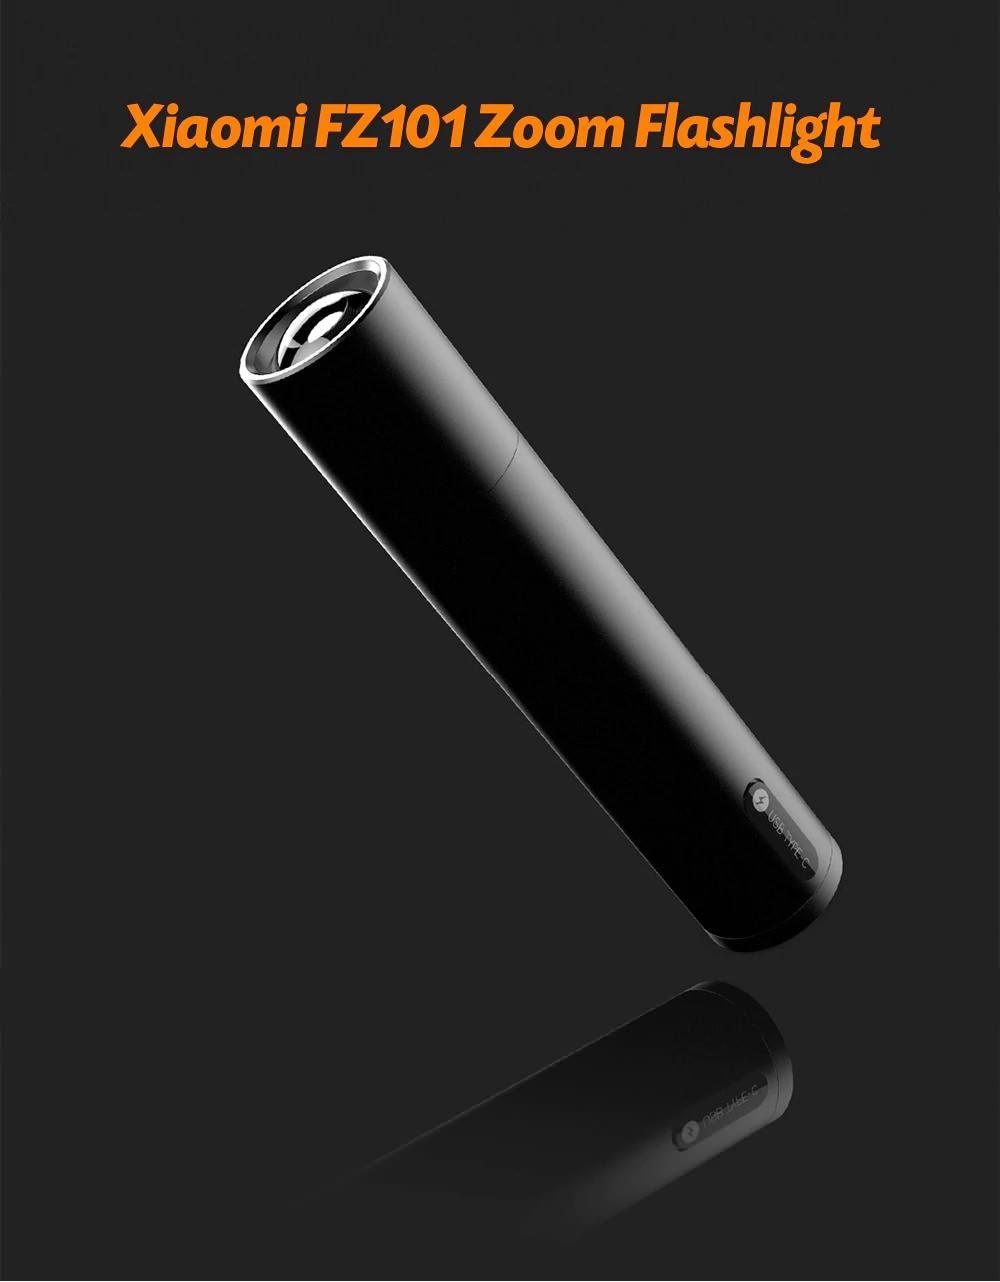 xiaomi fz101 zoom flashlight